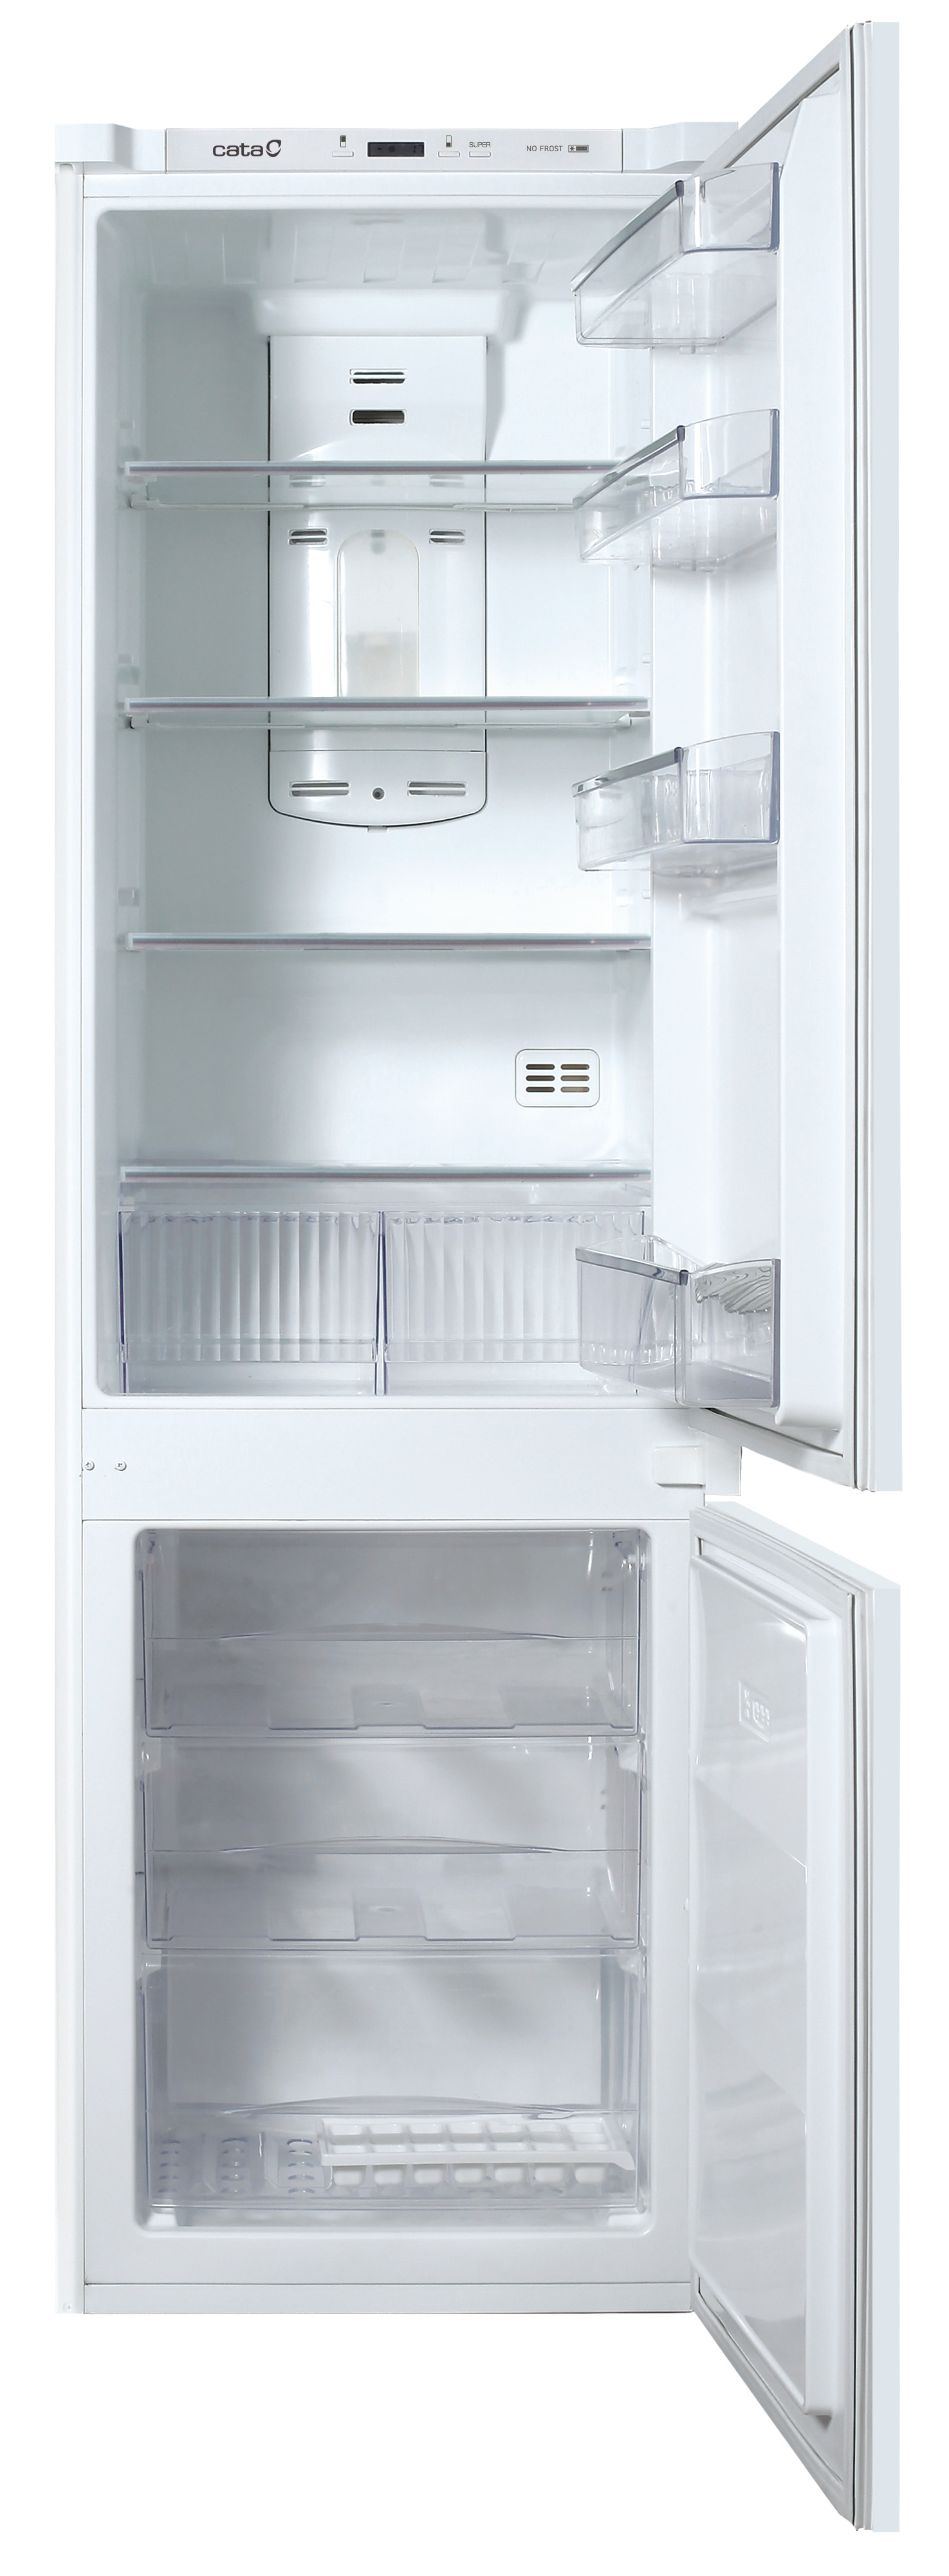 ci 54077 frigorfico integrable a - Frigorificos Integrables